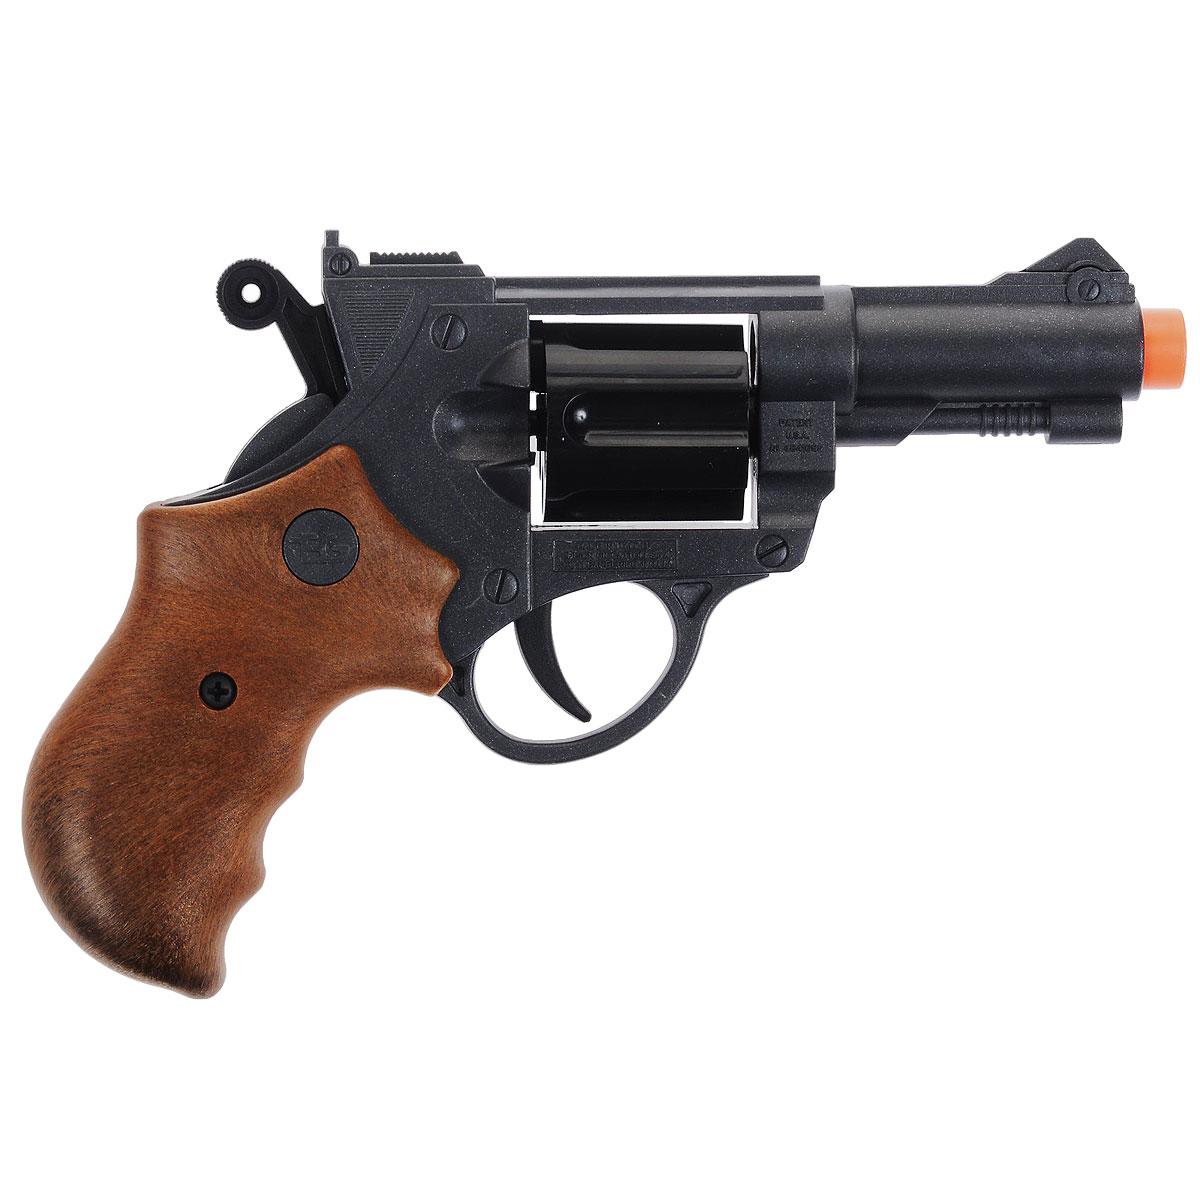 """Пистолет """"Jeff Watson"""" - Стильный игрушечный 6-зарядный пистолет, мечта любого мальчишки! Пистолет выполнен из пластика. Емкость магазина - 6 пулек. В комплект с пистолетом входят 10 пулек Итальянская компания Edison Giocattoli производит лучшие детские пистолеты и мишени для активных игр для мальчиков."""